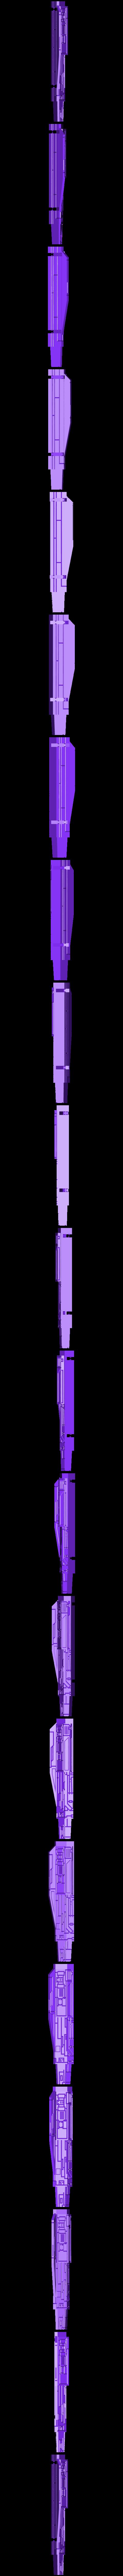 PONTOON.STL Télécharger fichier STL gratuit Cybran T2 Destroyer - Salem Class • Plan à imprimer en 3D, Steyrc